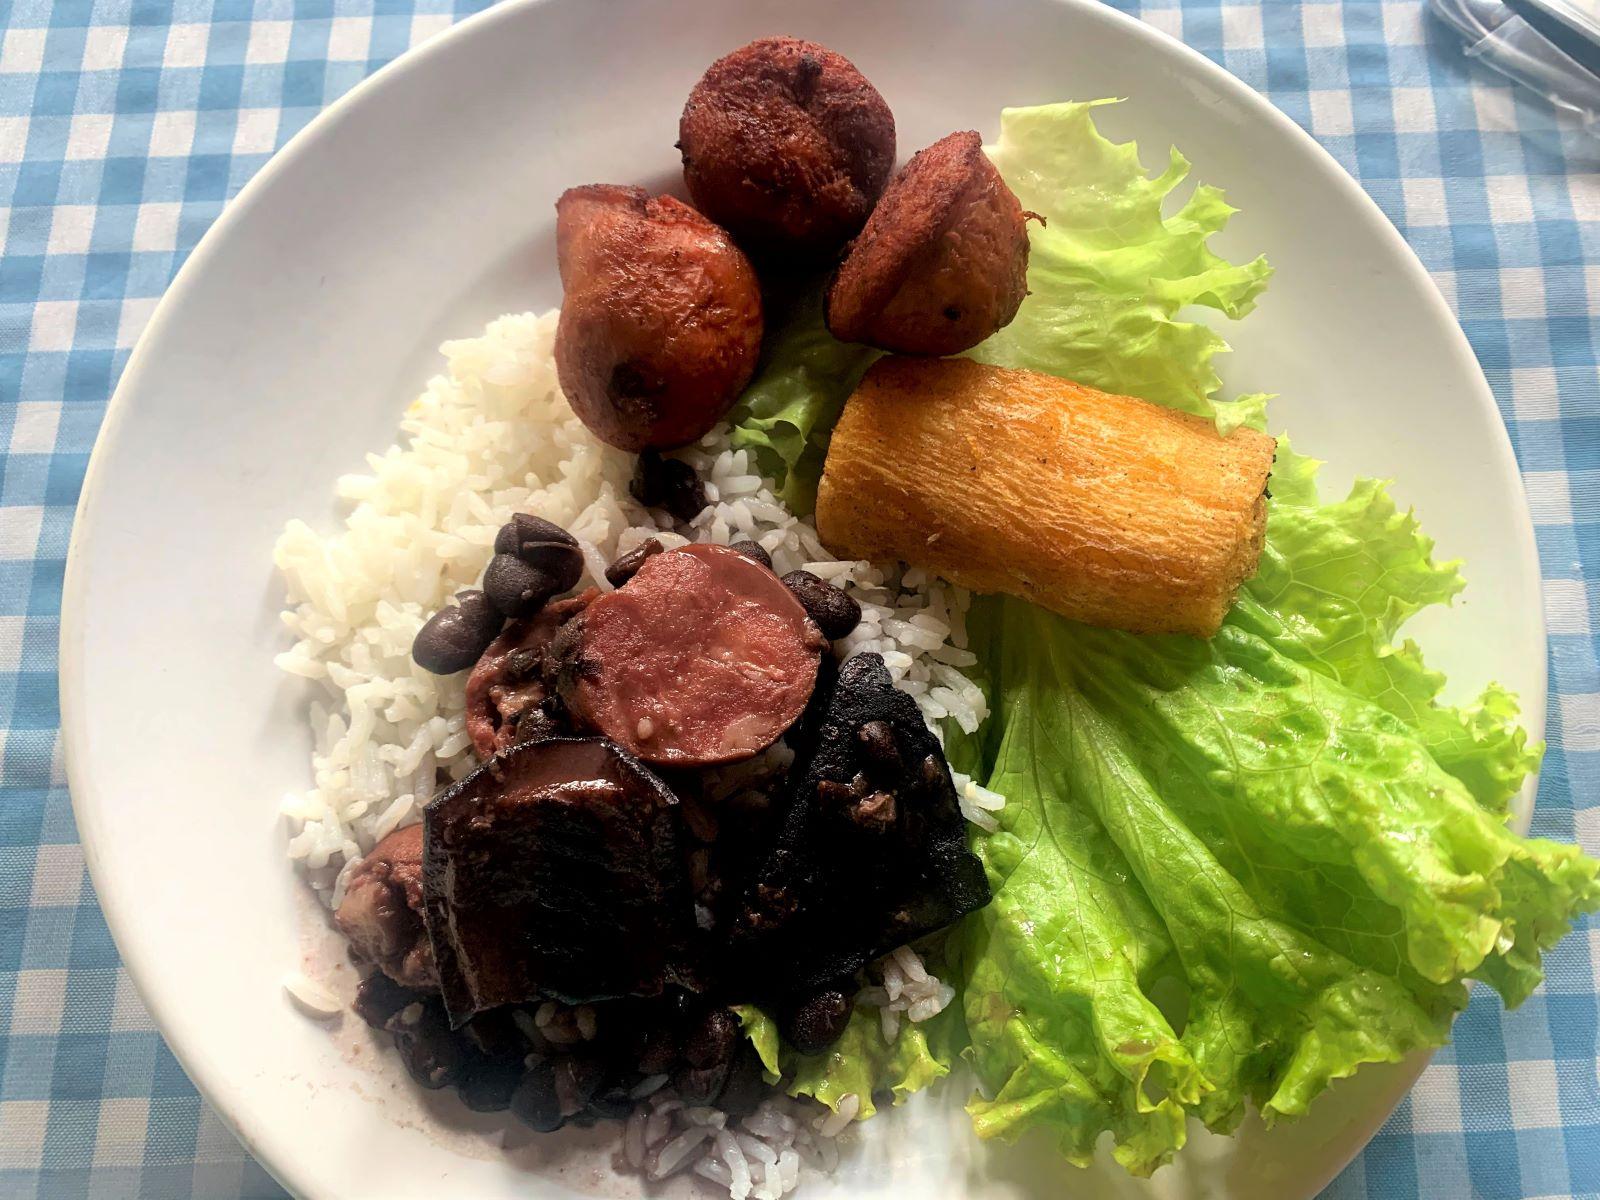 prato de comida com arroz, feijoada, mandioca frita, alface e linguiça